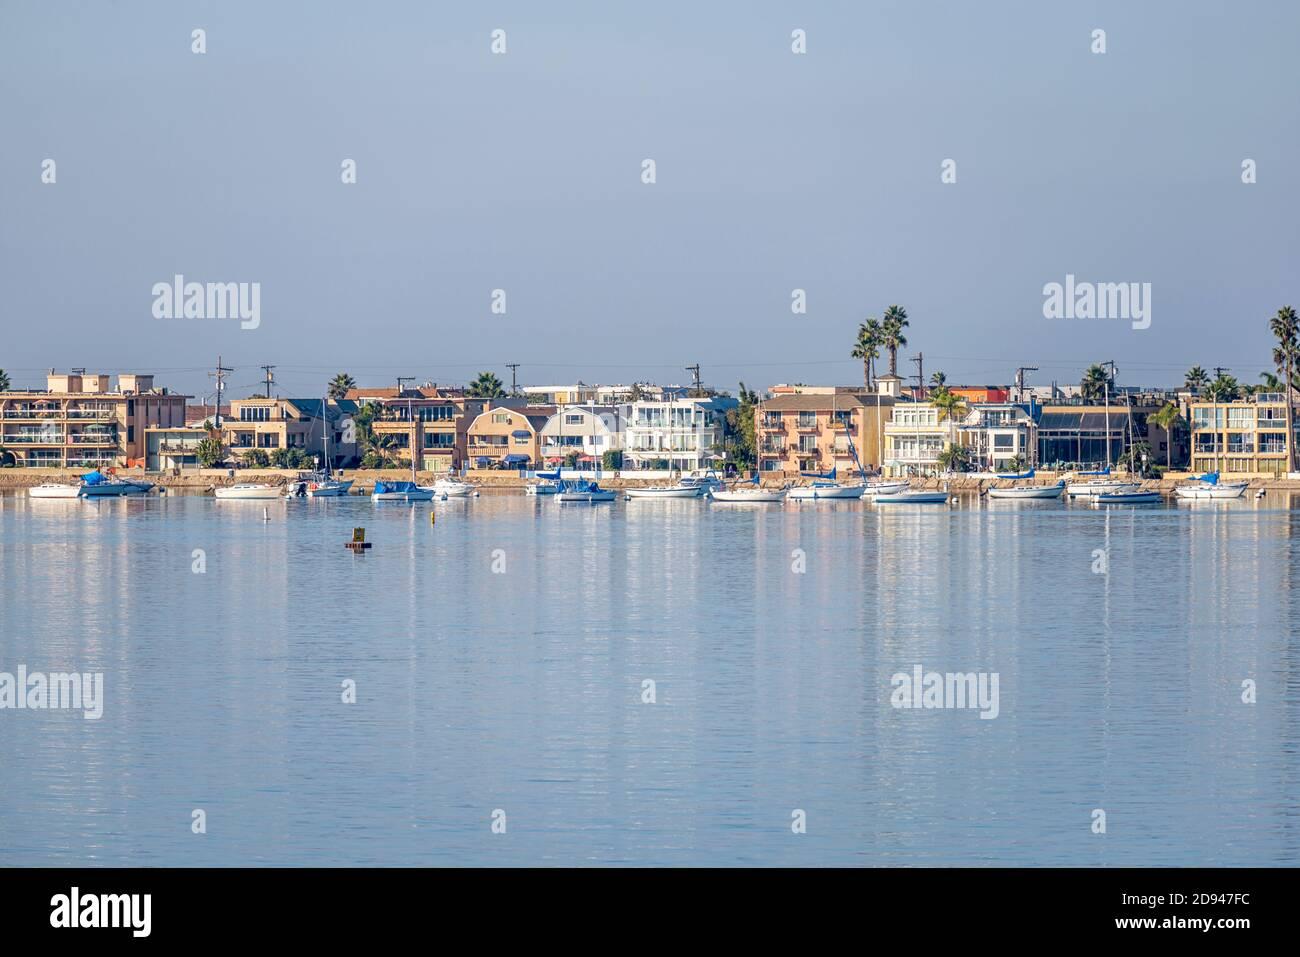 Casas residenciales y el puerto de escena. San Diego, CA, EE.UU. Fotografiado en Mission Bay Park. Foto de stock